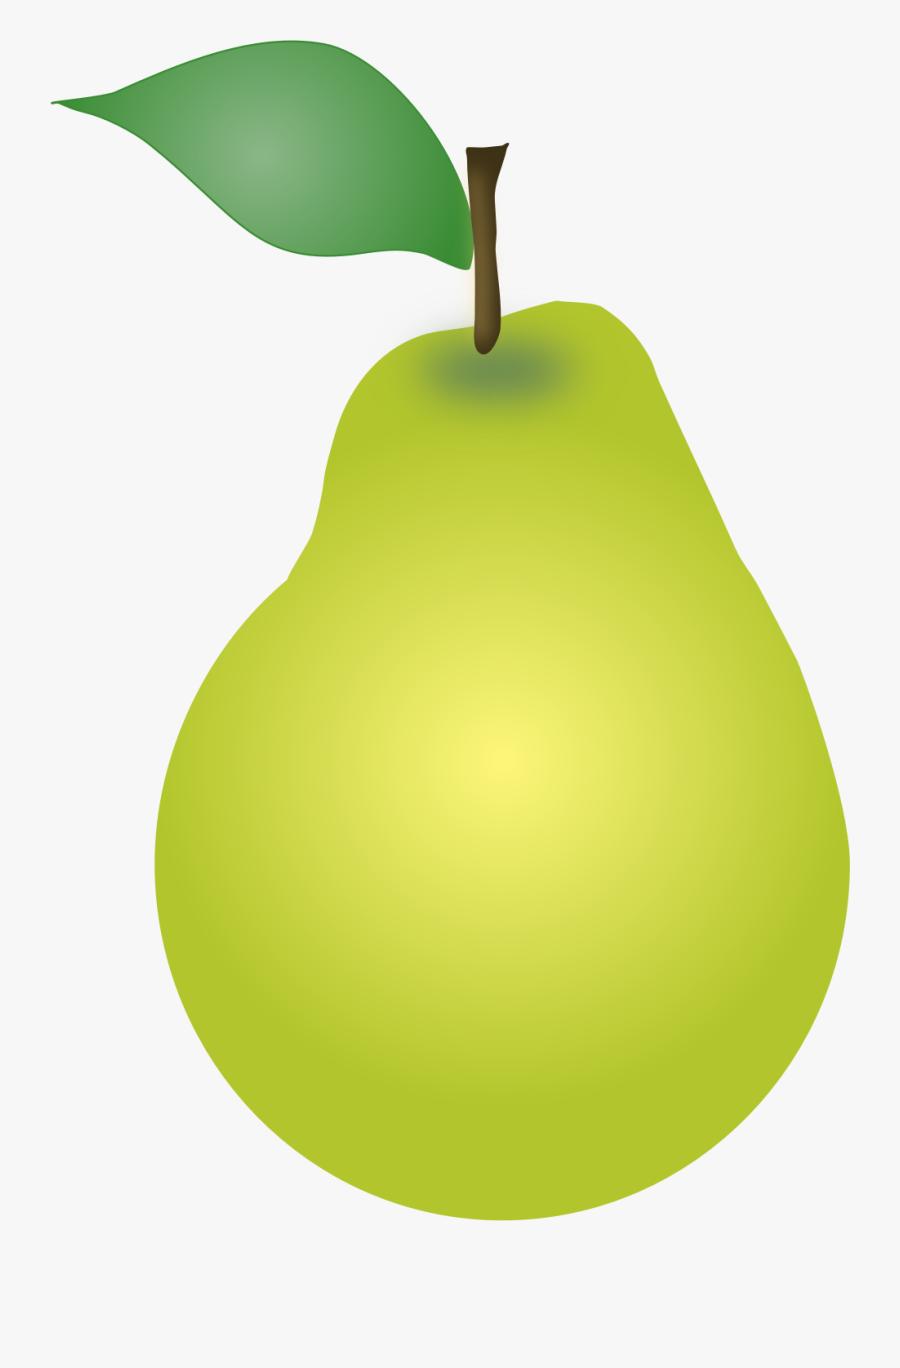 Plant,apple,food - Clip Art Fruit Pear, Transparent Clipart